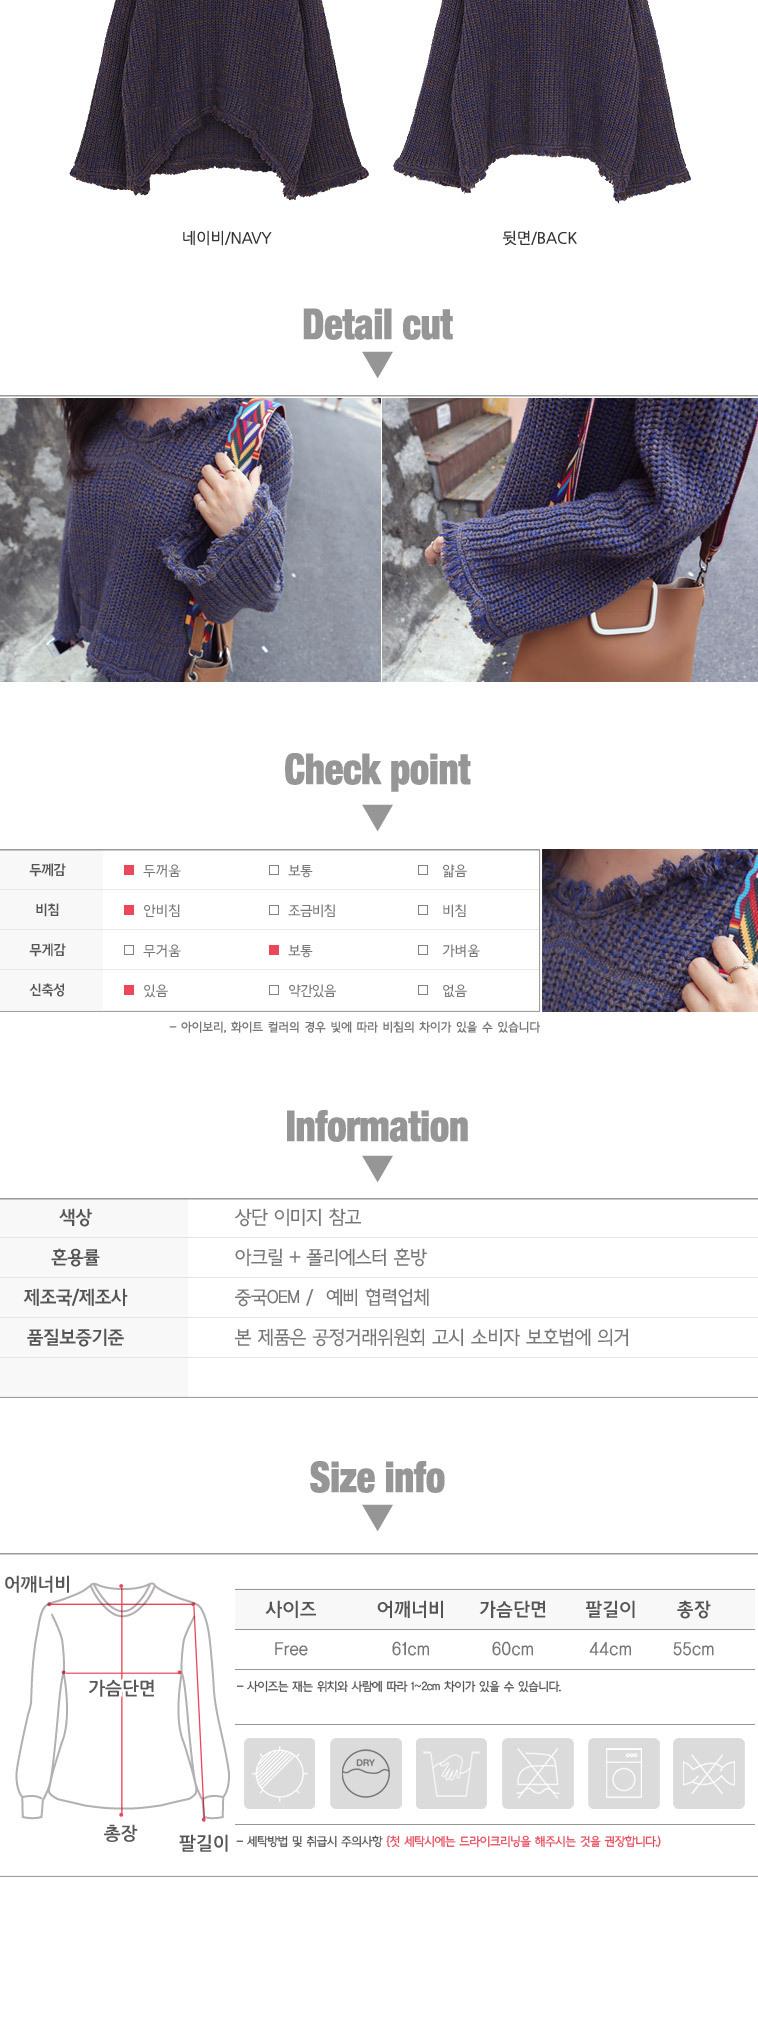 [무료배송] 예삐 신상추가! 마진포기 - 상세정보